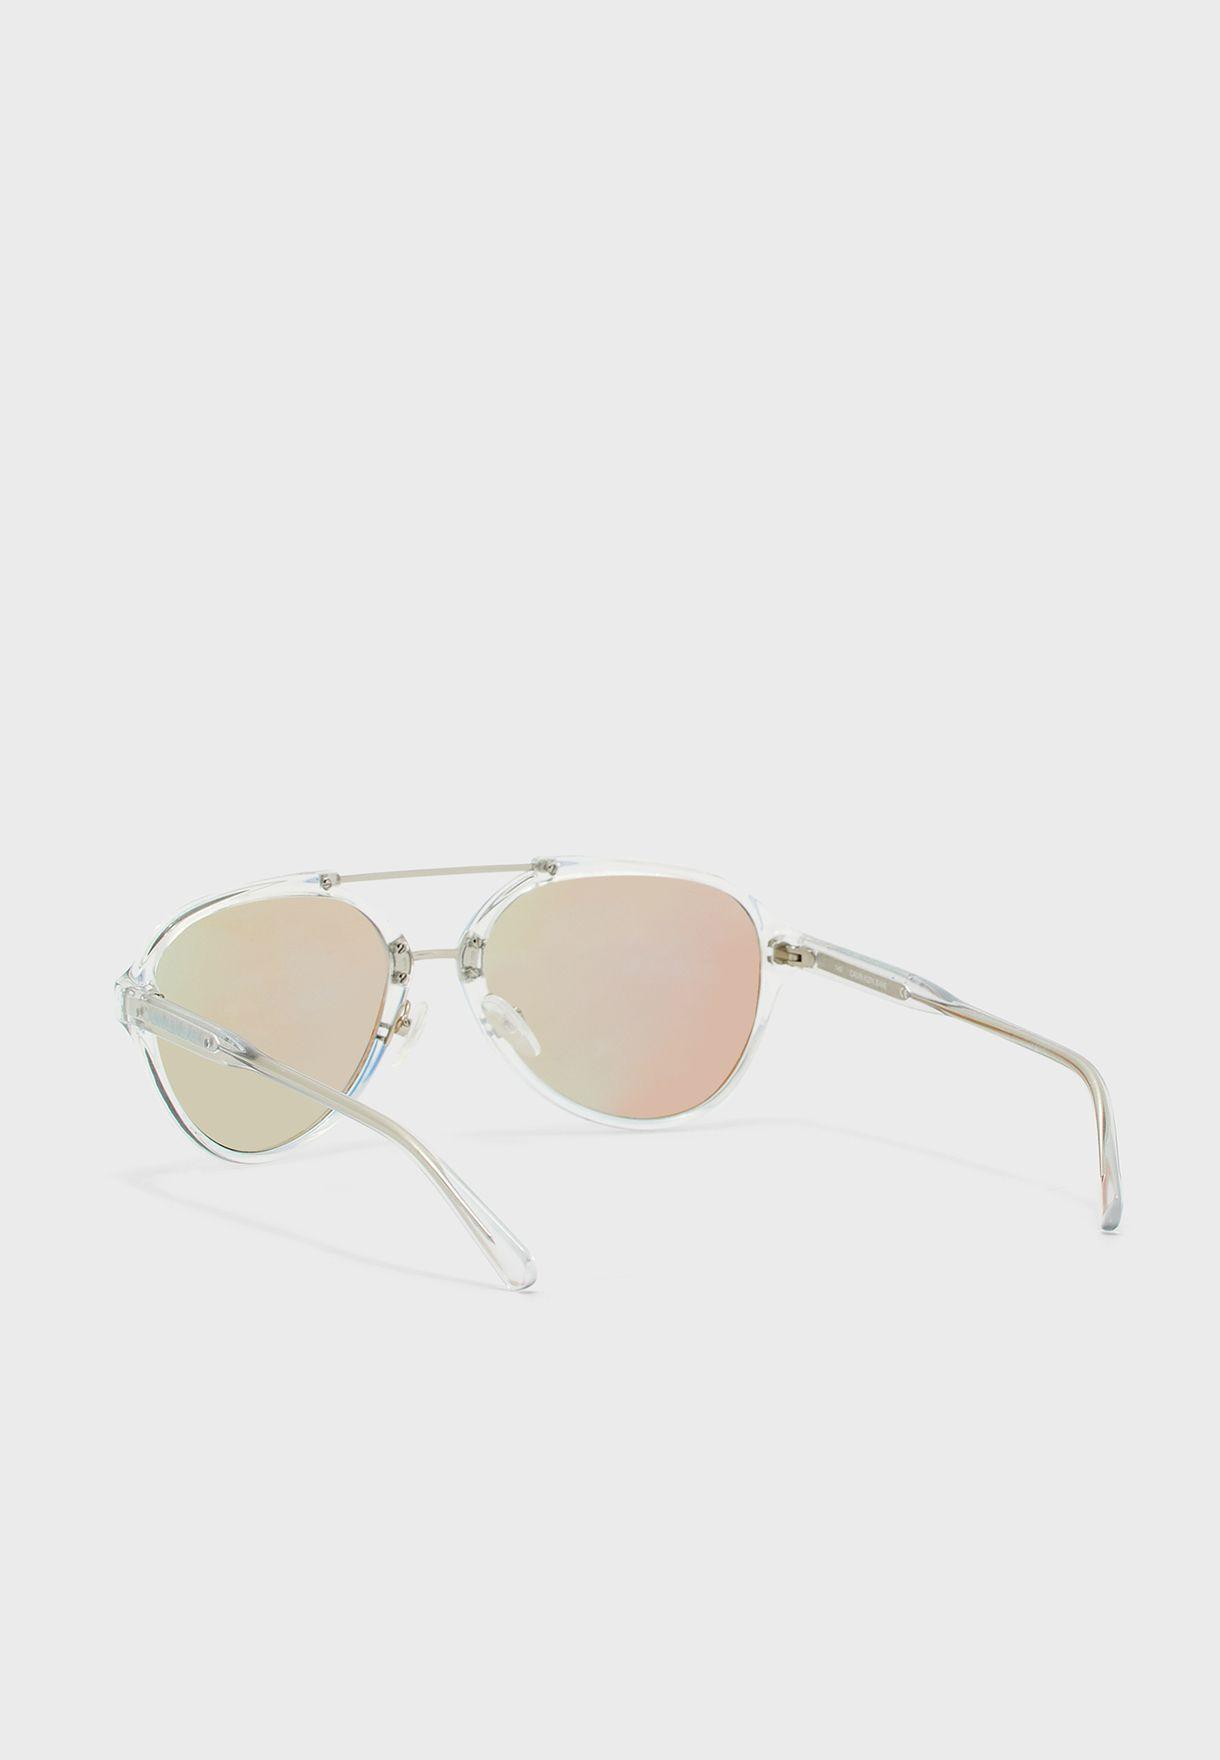 CKJ20502S Aviator Sunglasses